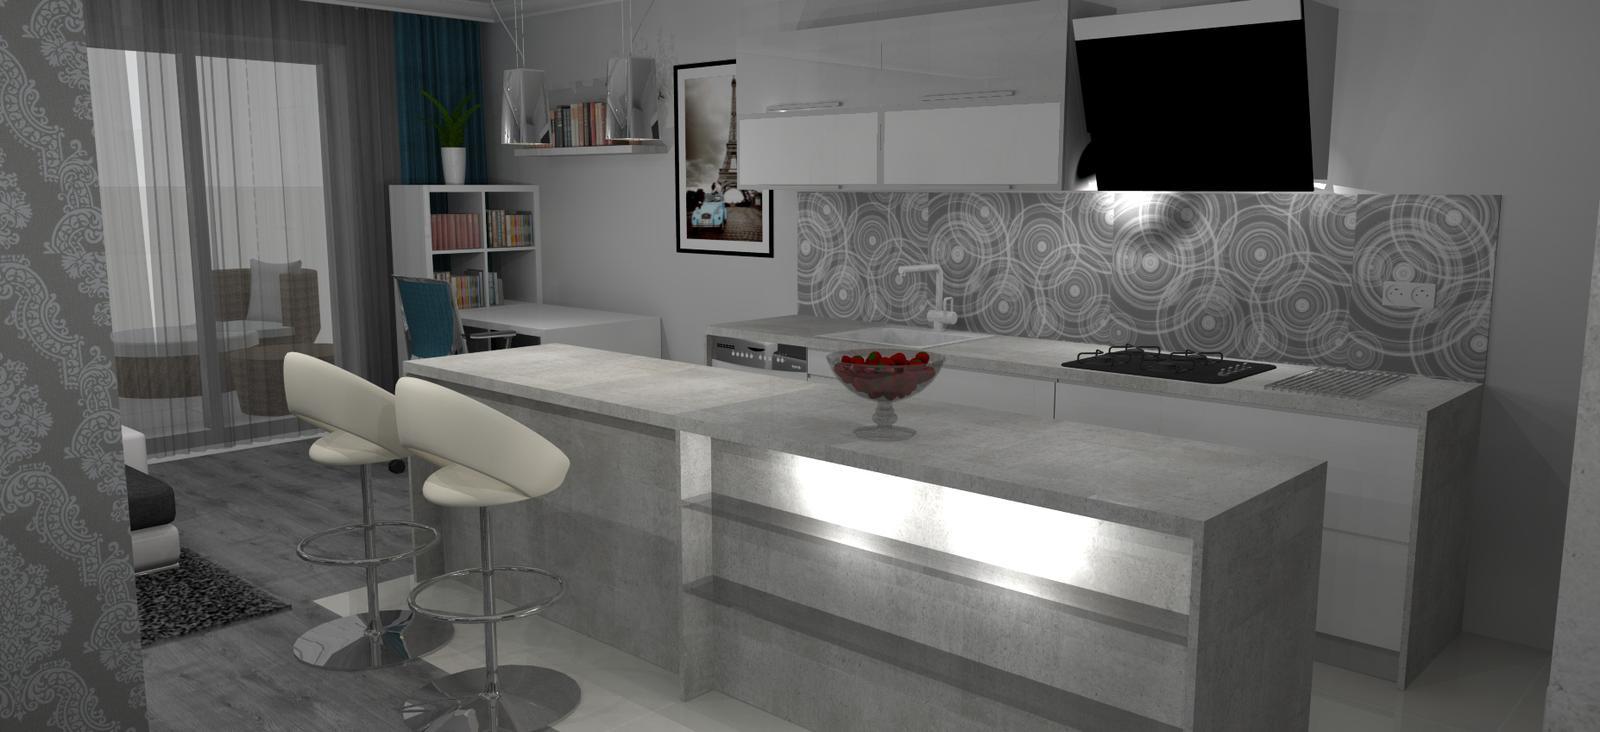 Vizky pre náš ešte nepostavený dom :-) - Druhá verzia rozloženia - kuchyňa s ostrovom